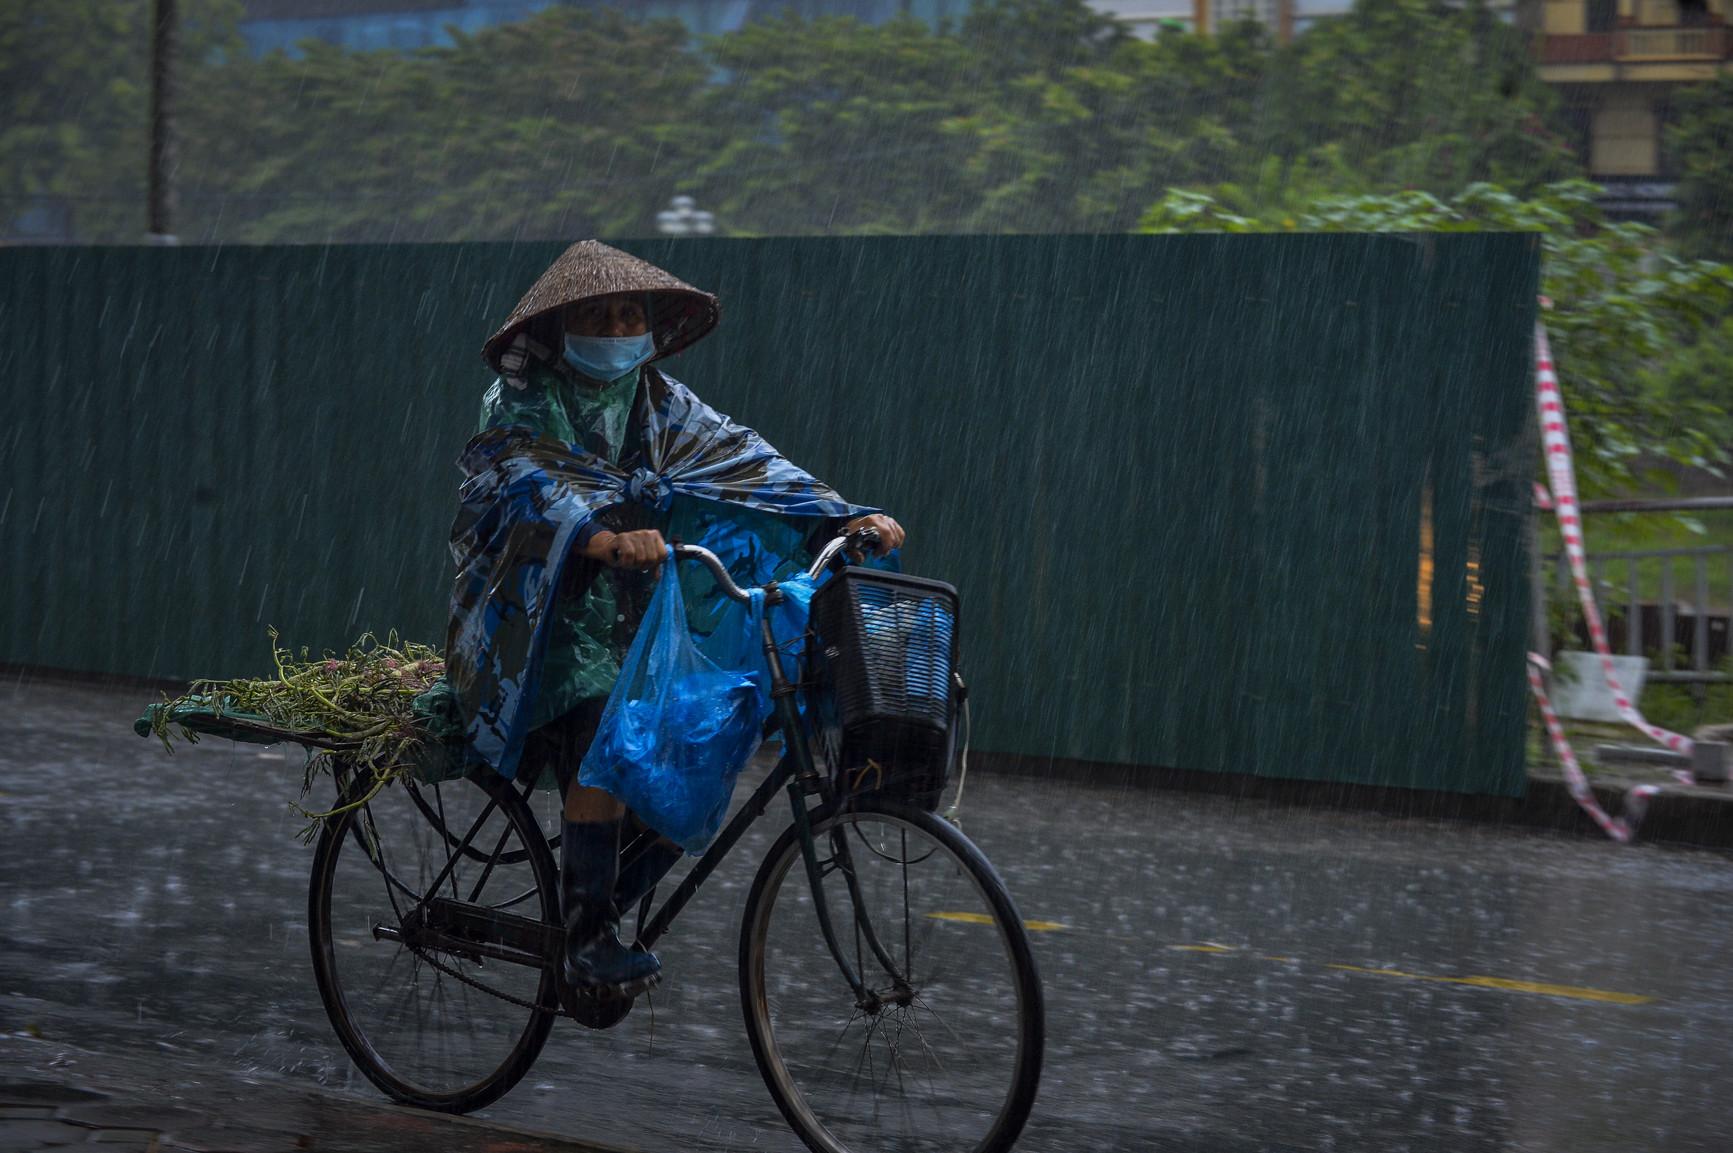 Cơn mưa rào khiến trời Hà Nội 8h sáng vẫn tối đen như mực - Ảnh 3.